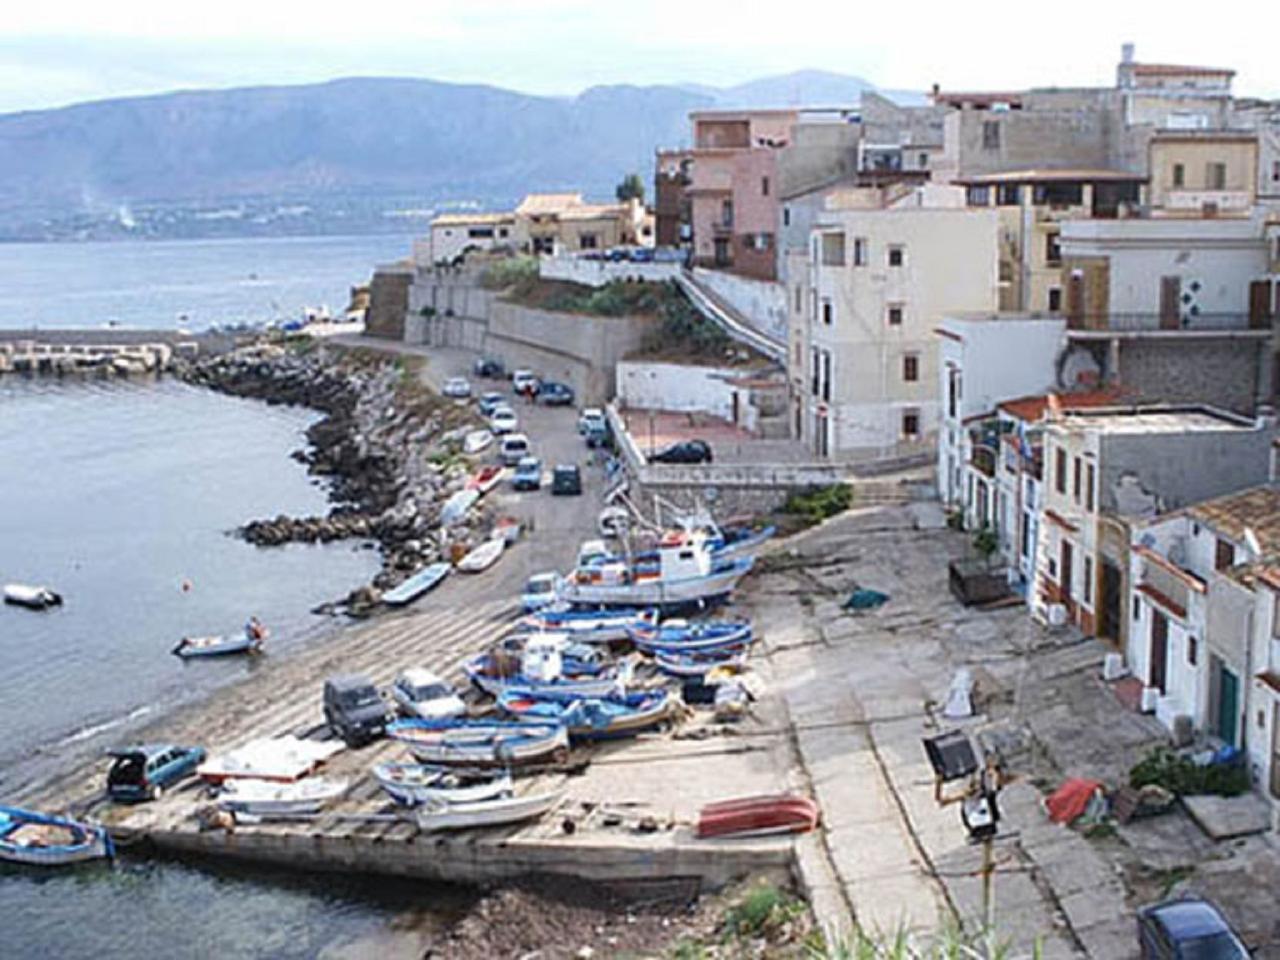 Maison de vacances Sonnenschein Wohnung (2133668), Trappeto, Palermo, Sicile, Italie, image 25